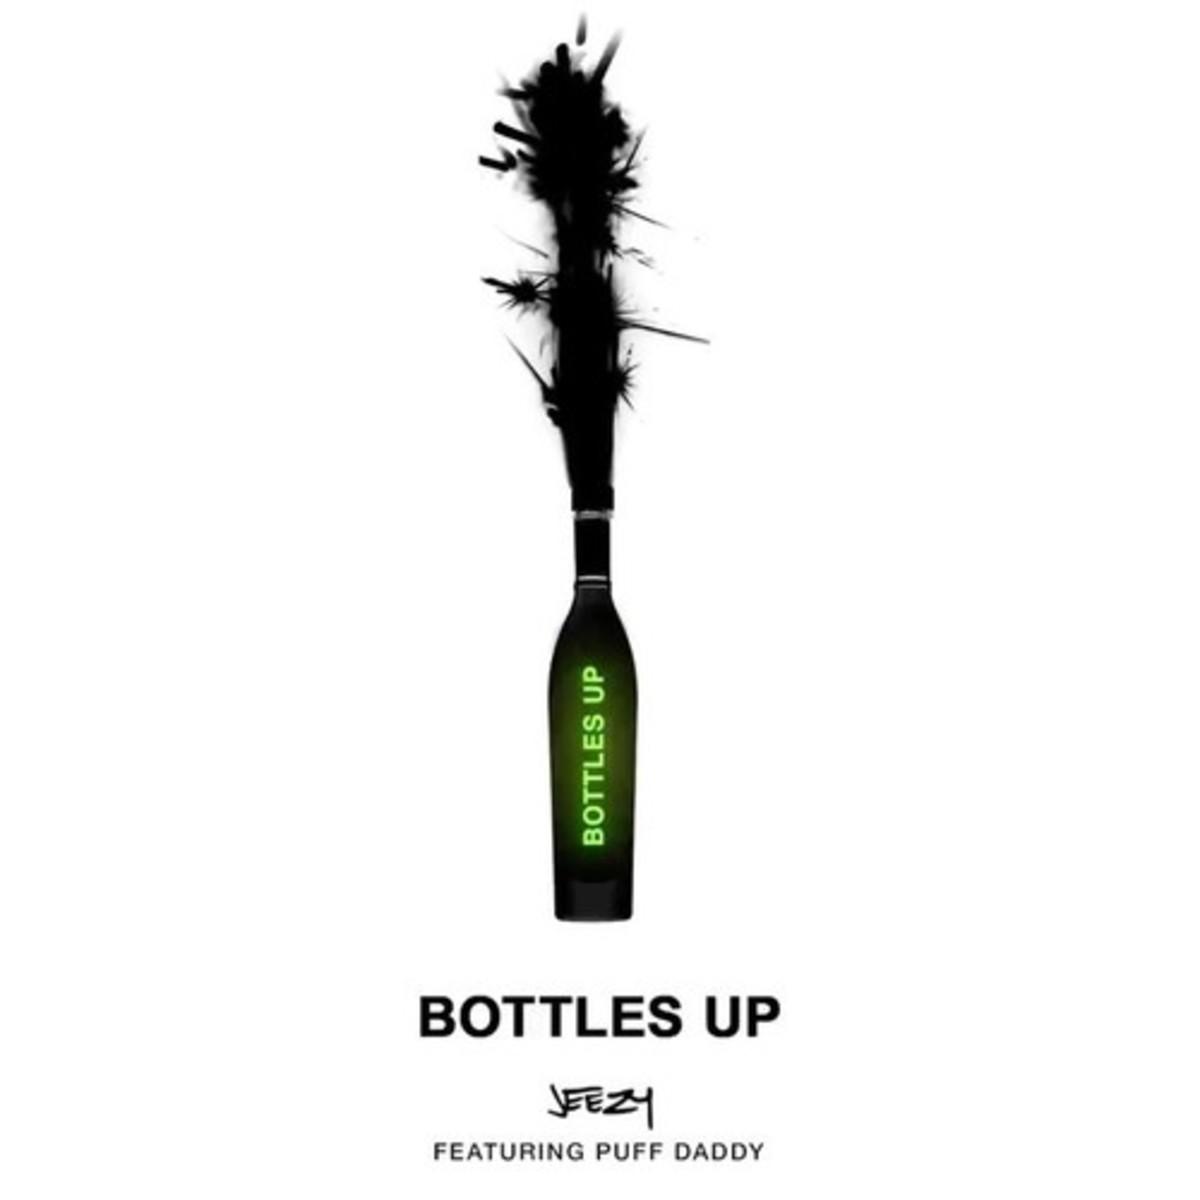 jeezy-bottles-up.jpg